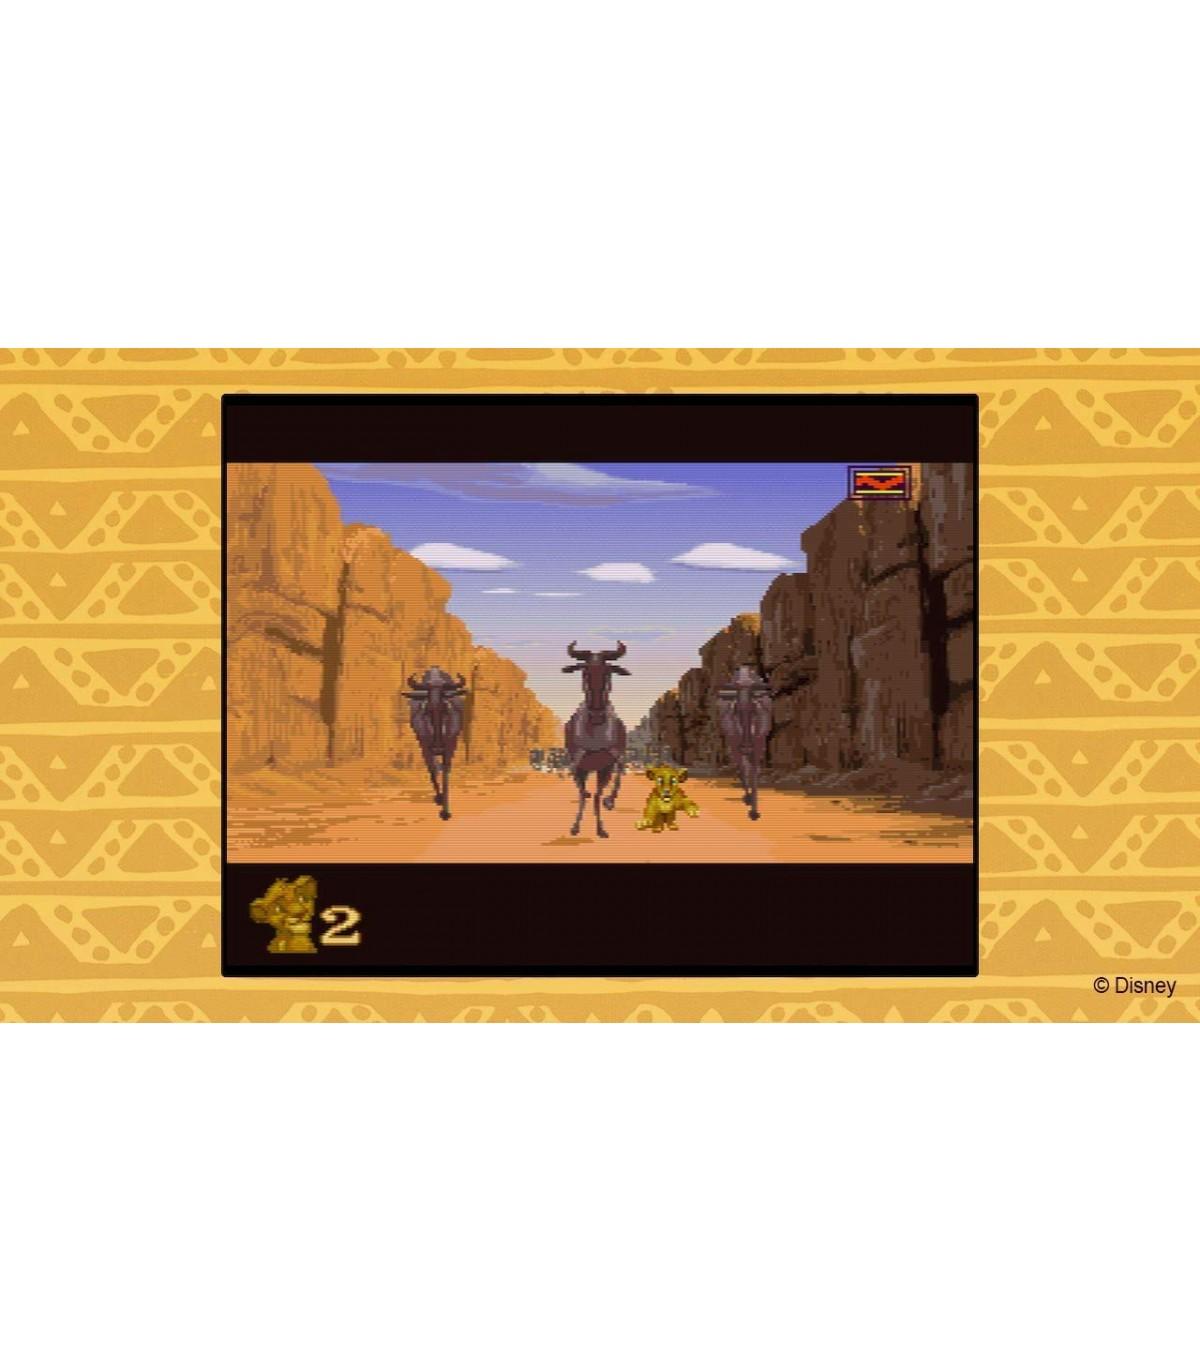 بازی Disney Classic Games: Aladdin and The Lion King - پلی